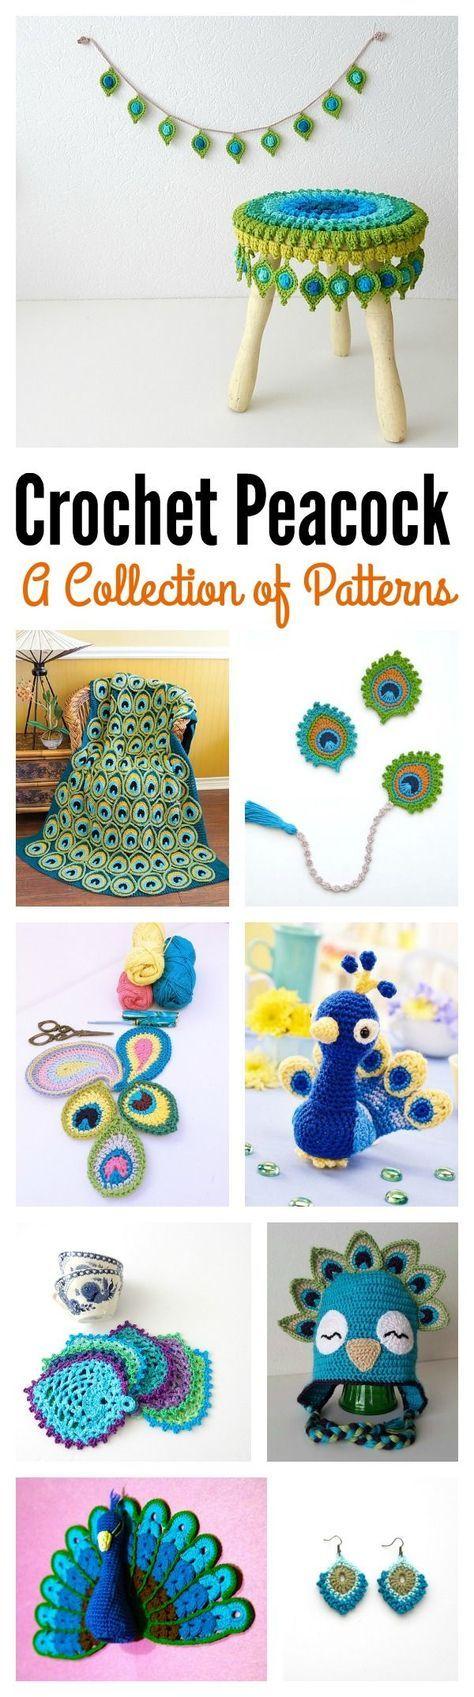 Crochet Pretty Peacock Blanket | Pinterest